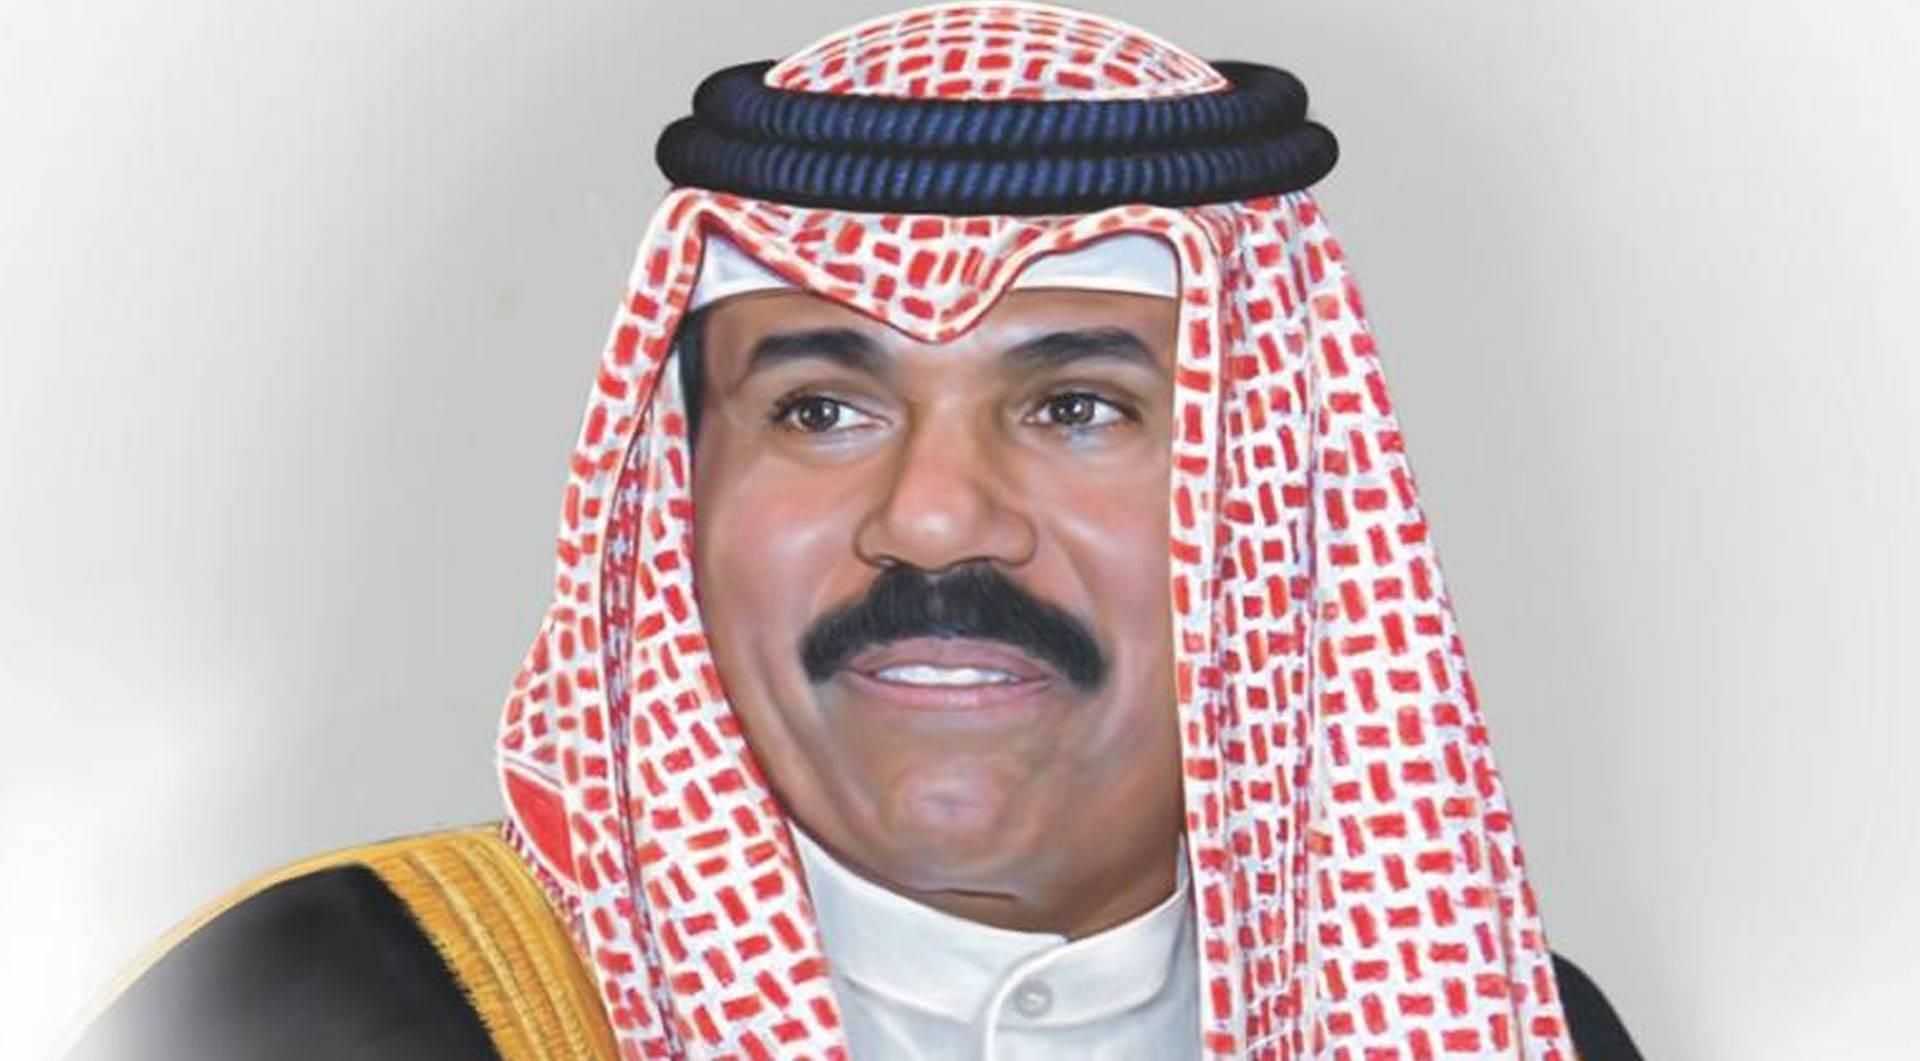 سمو الأمير يهنئ وزير الصحة بنجاح أول عملية زراعة للكبد لمواطنة من فريق طبي كويتي متكامل